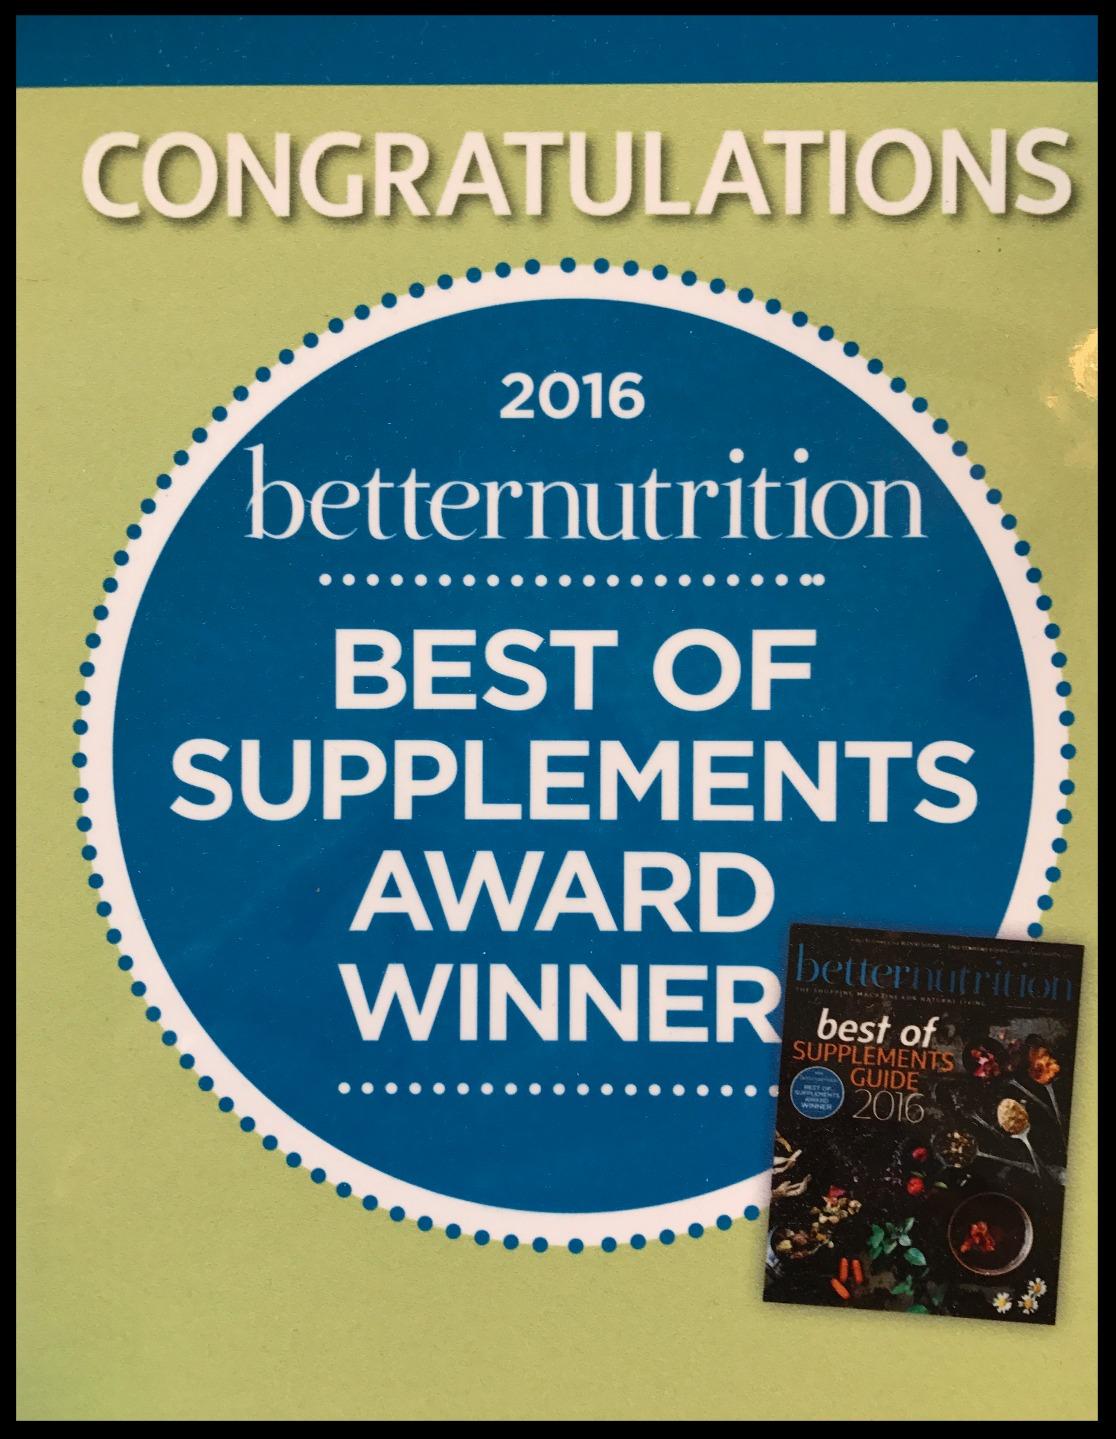 Best Supplement Award 2016